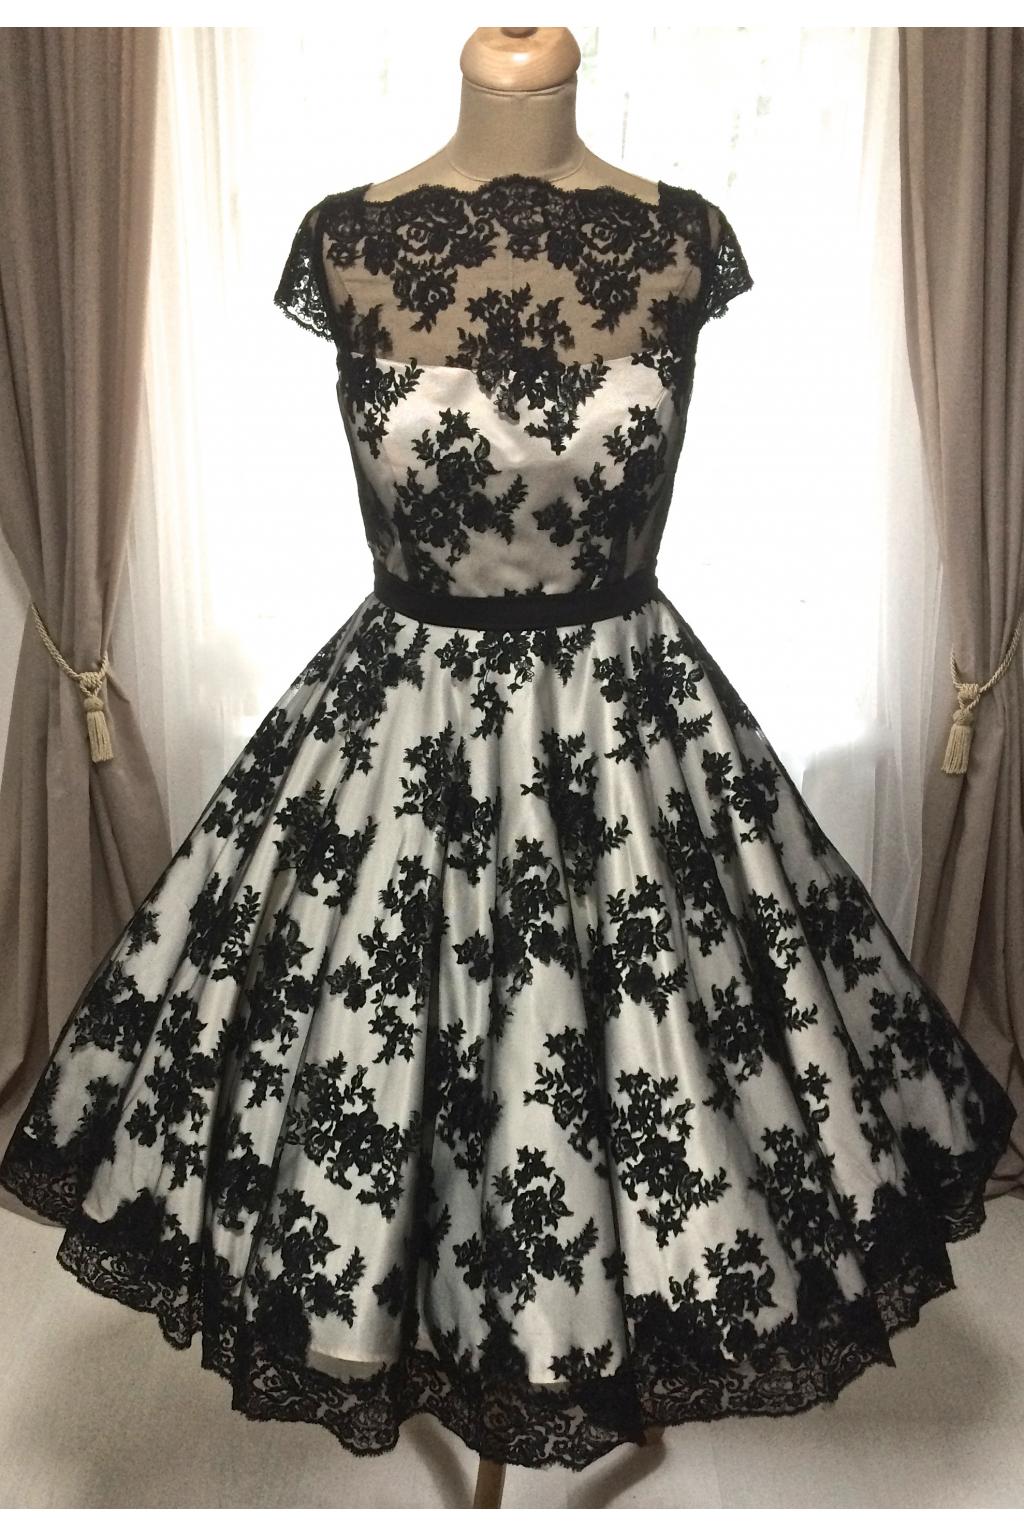 Korzetové retro šaty s černou krajkou - více barev - MiaBella 2247dcf9f9e